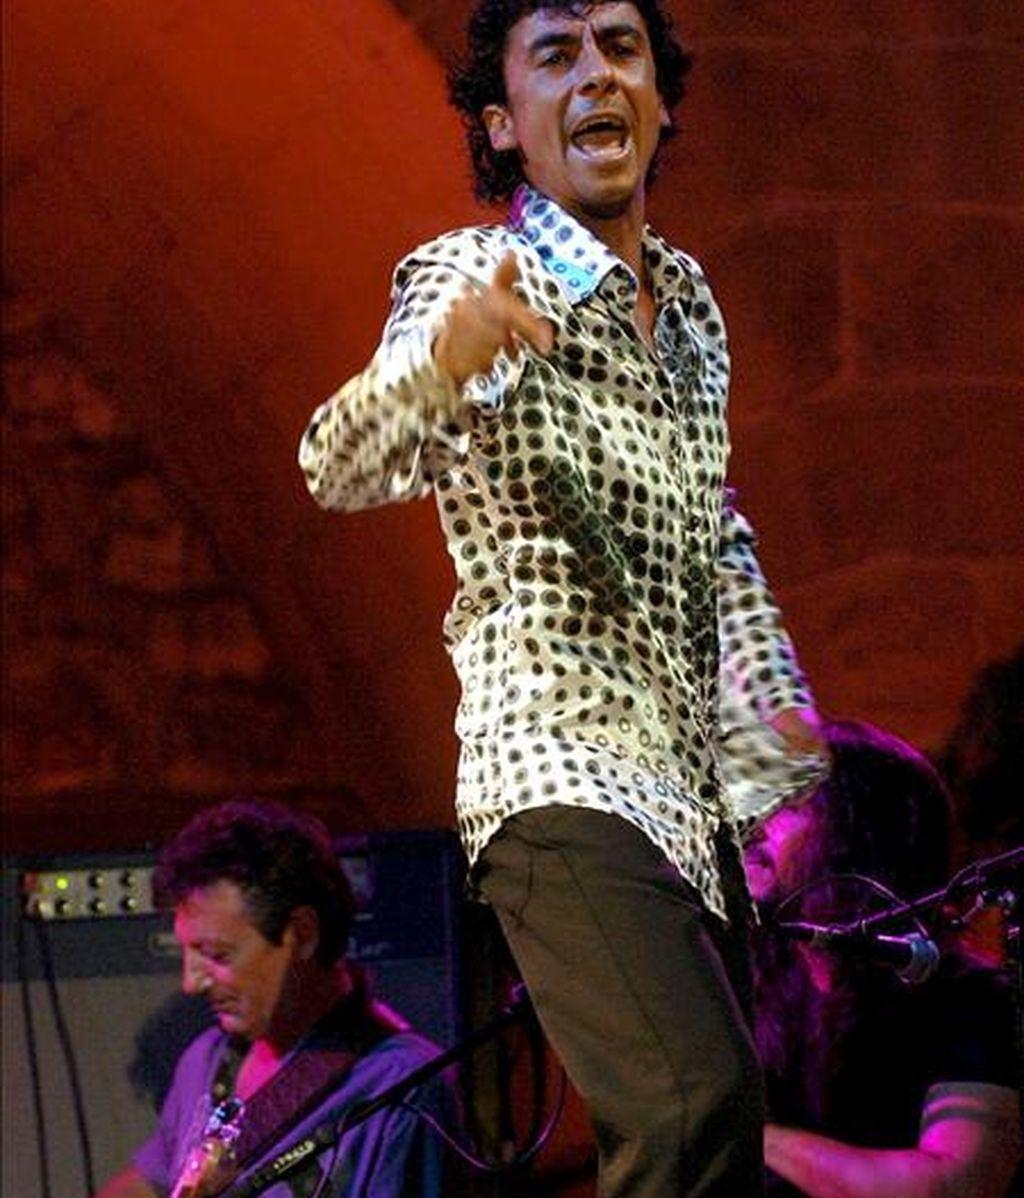 """En la imagen, el bailaor """"Tomasito"""", durante su actuación, en julio de 2006, junto a Chano Domínguez, en la tercera jornada del 41 Festival Internacional de Jazz de San Sebastián. EFE/Archivo"""